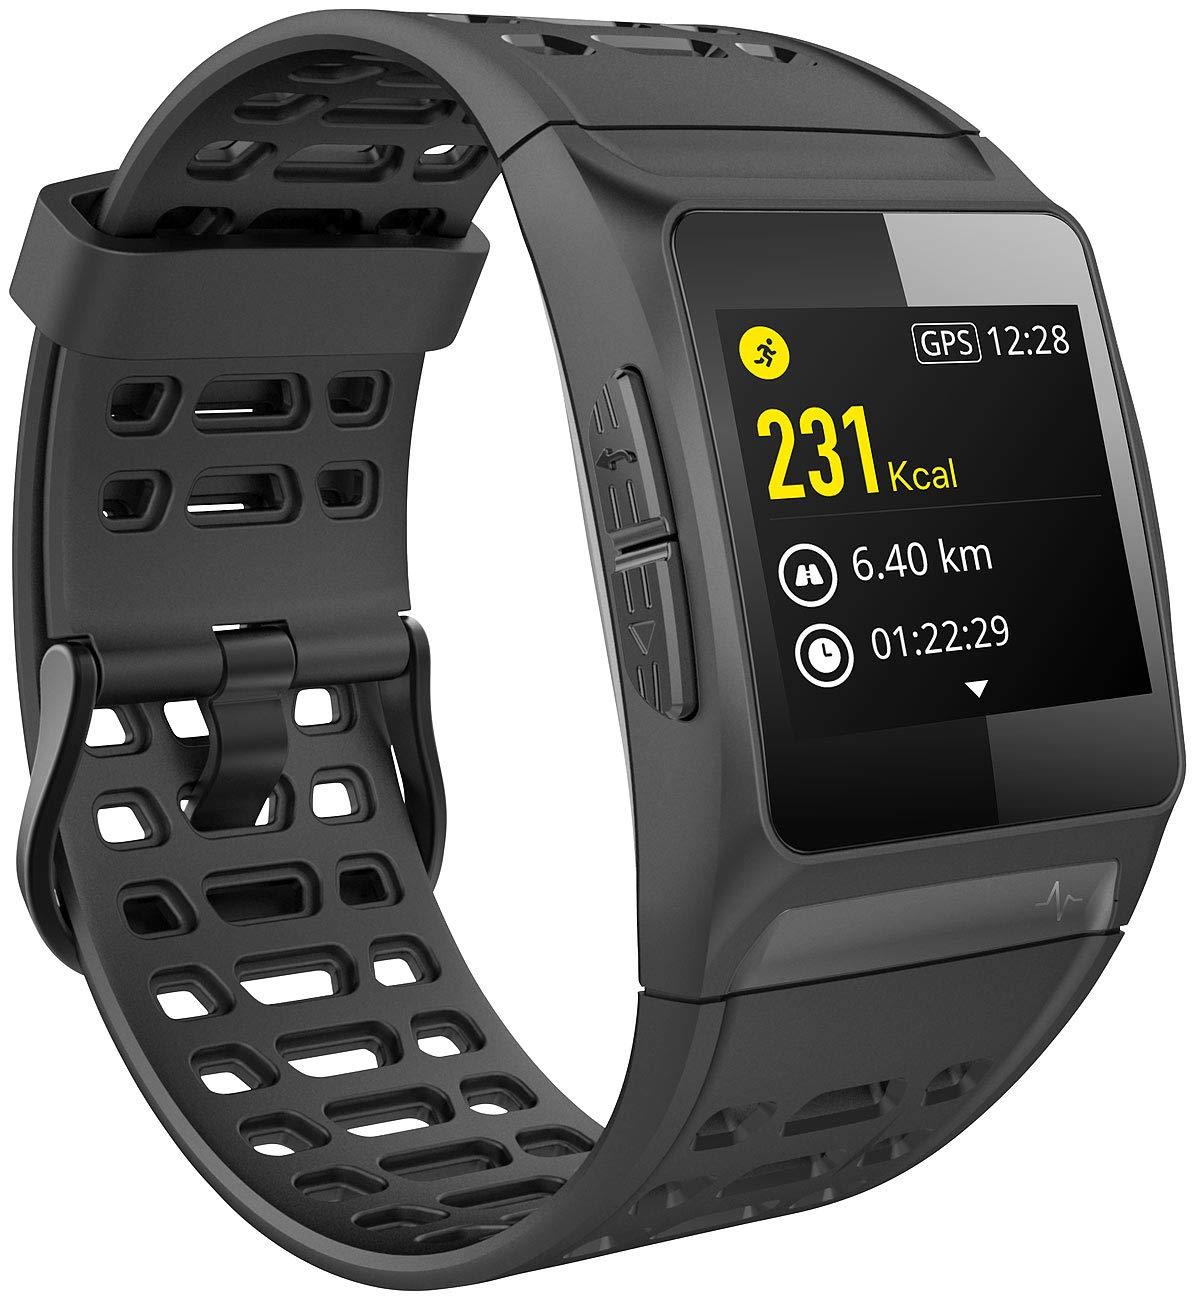 Montre de sport avec récepteur GPS intégré SW-250.hr: Amazon.fr: Sports et Loisirs